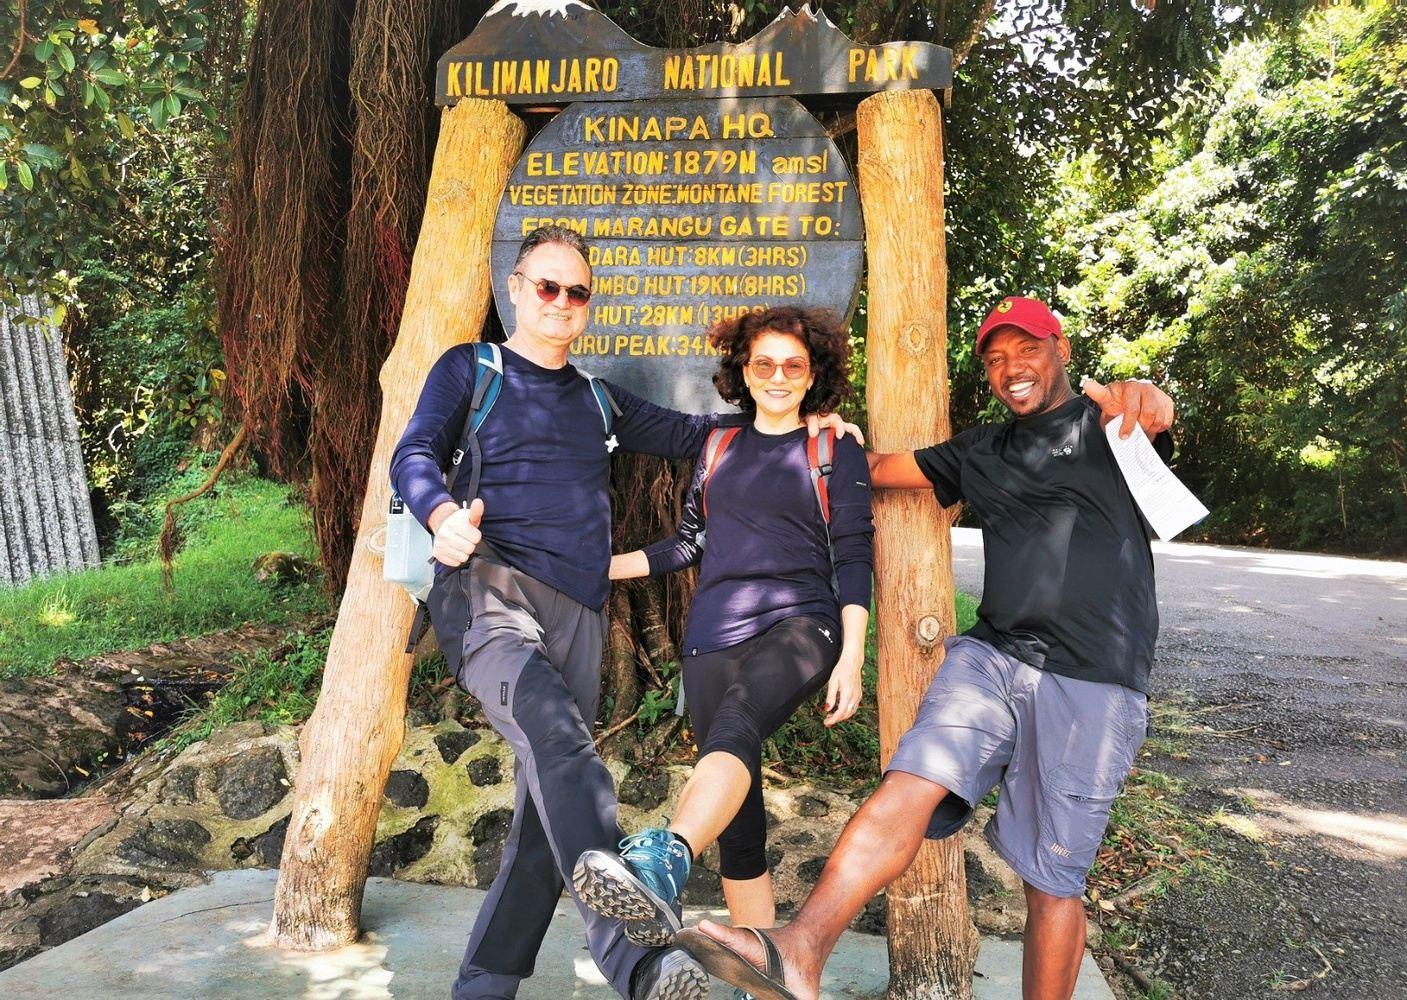 2 Days Kilimanjaro Trekking Marangu Route